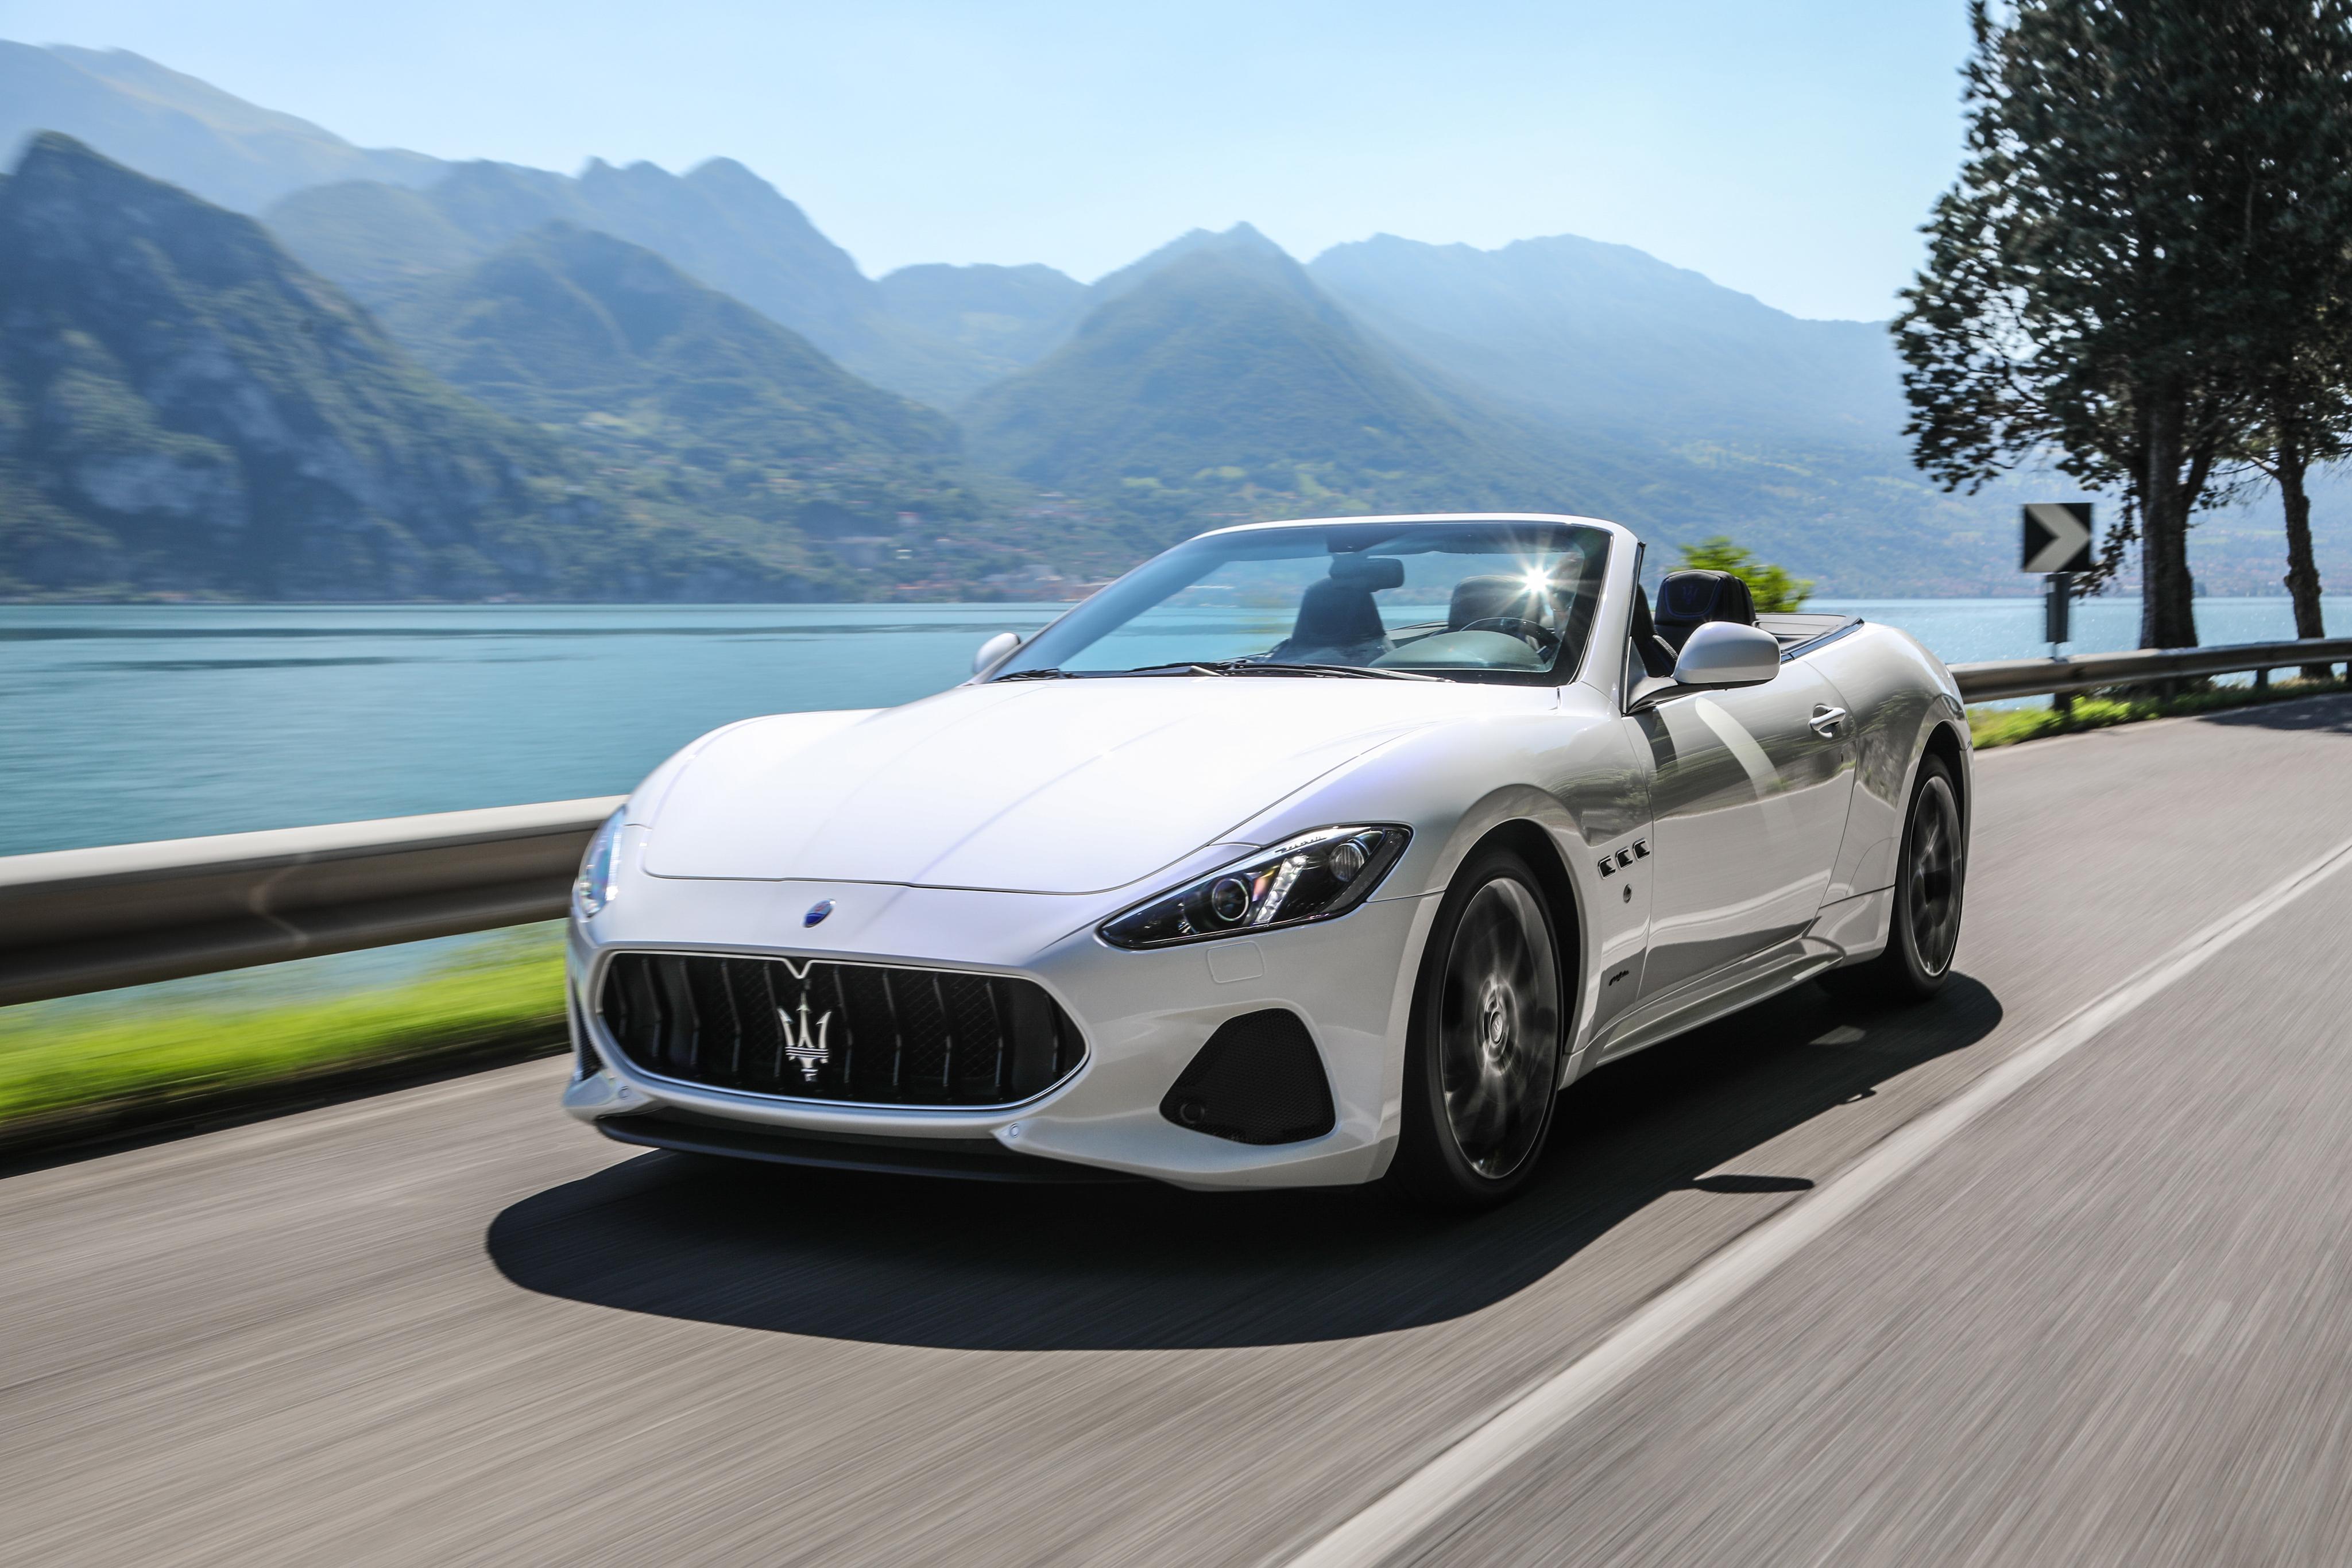 White Maserati GranCabrio In The Mountains 4k Ultra Fondo